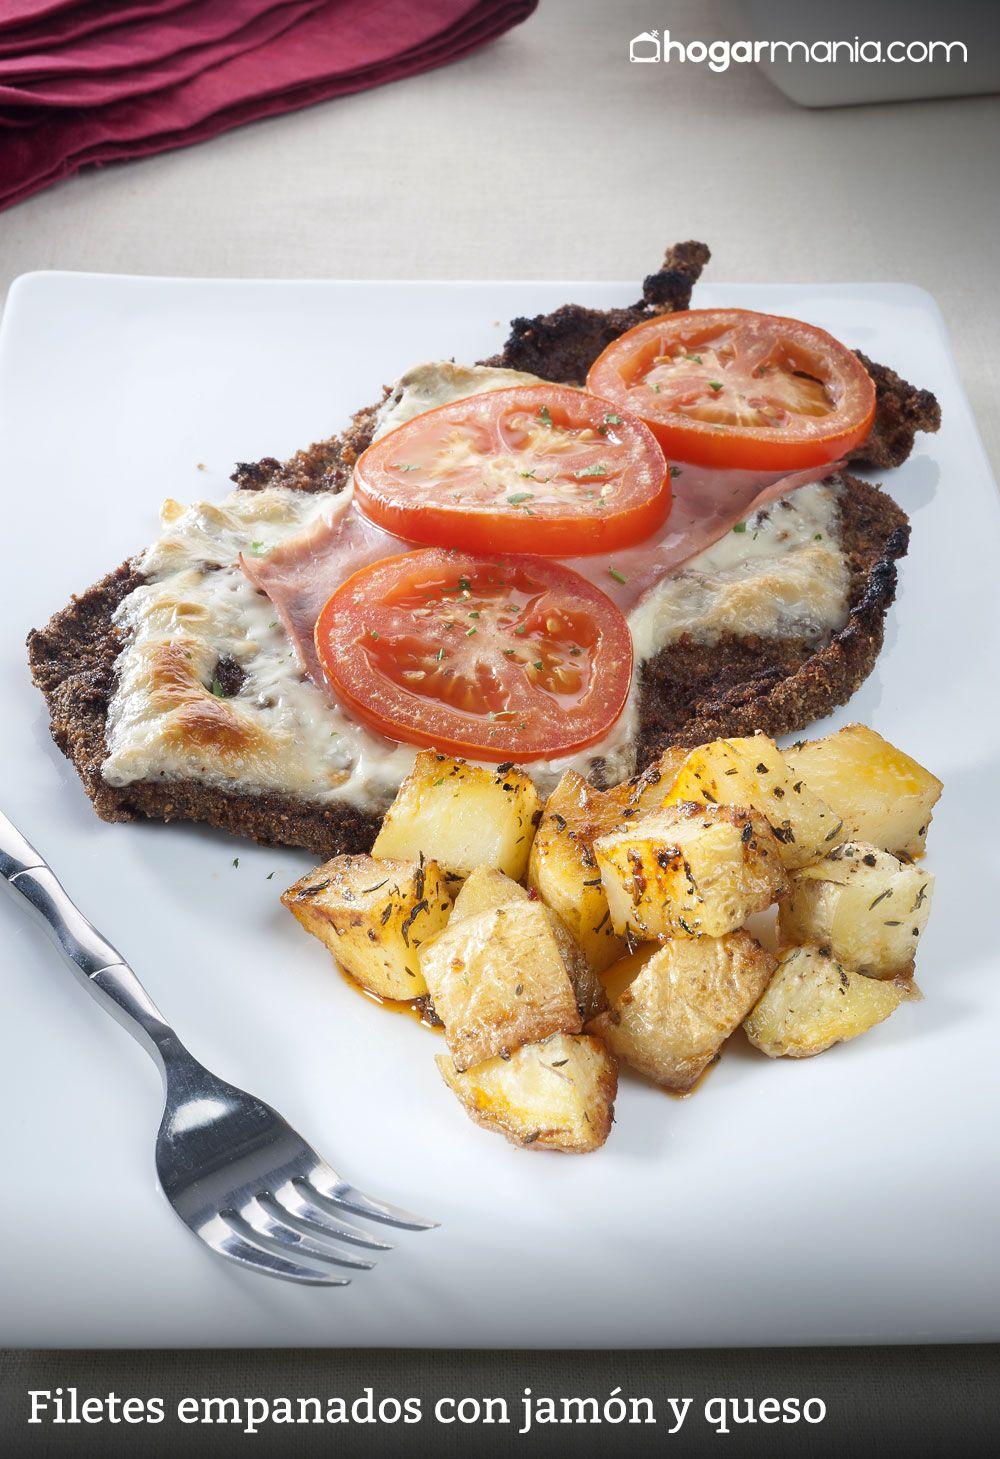 filetes empanados con jamón y queso